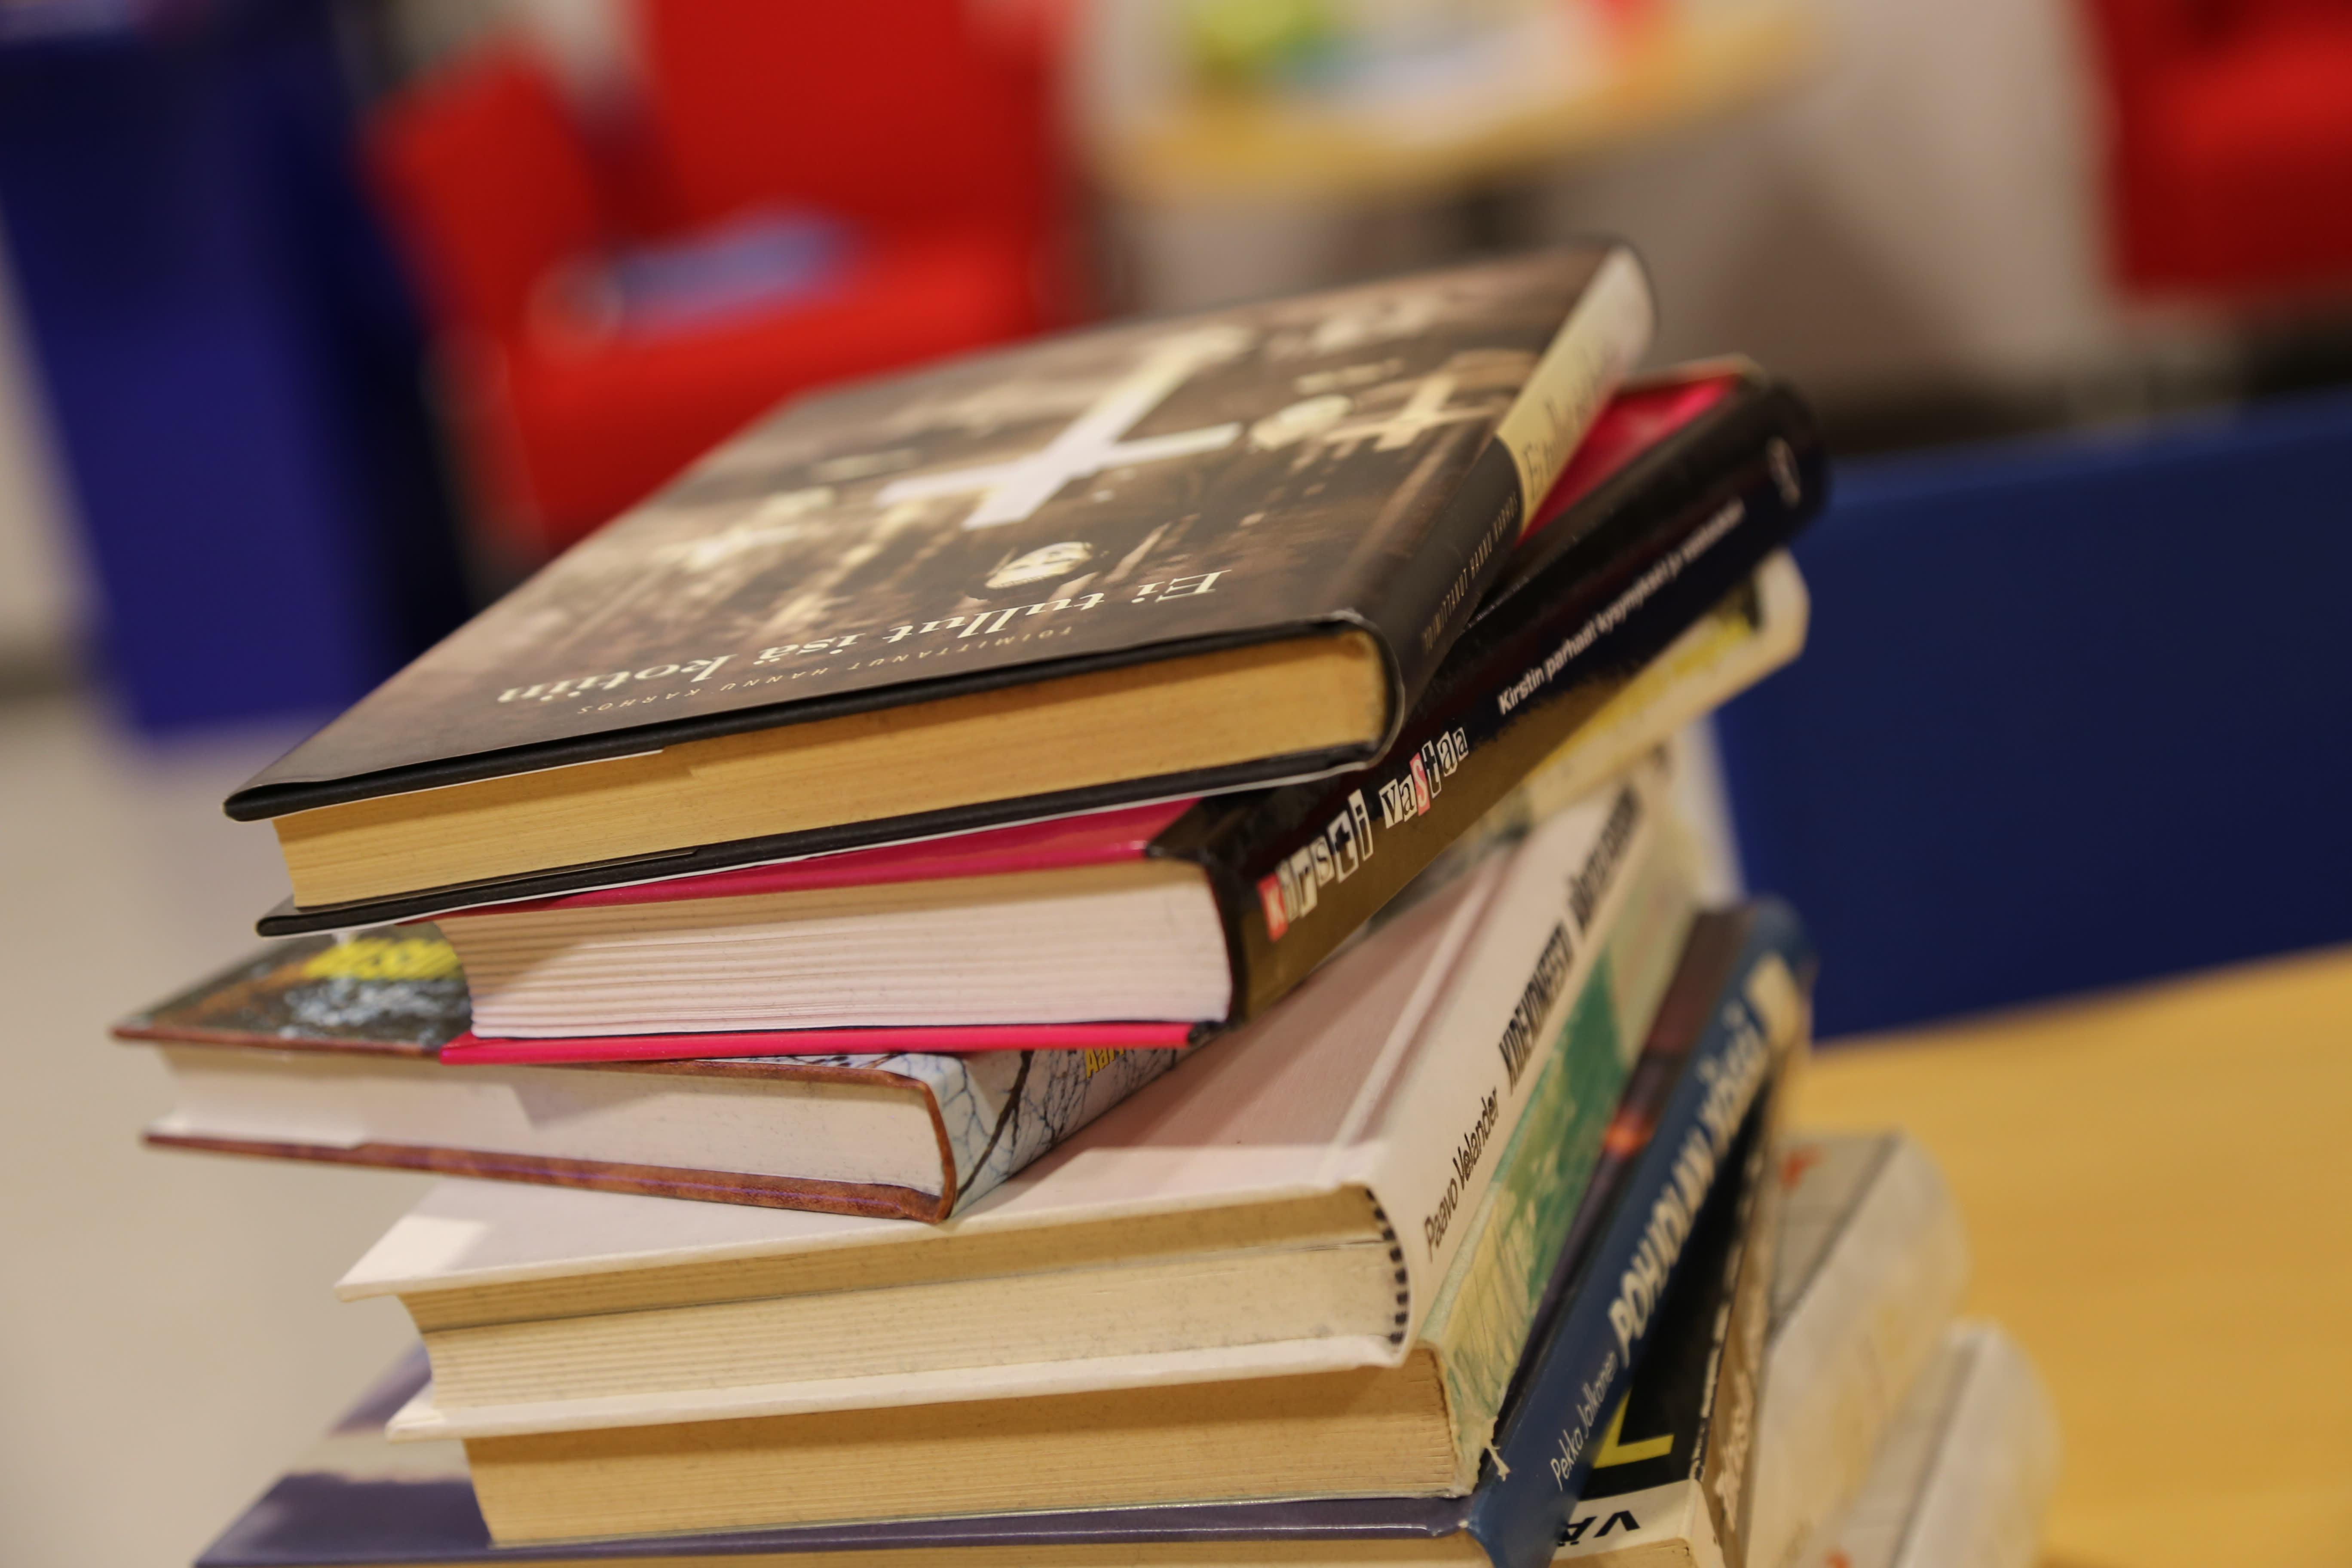 kirja kirjat festivaali hamlit2016 hamina kirjallisuus lukeminen